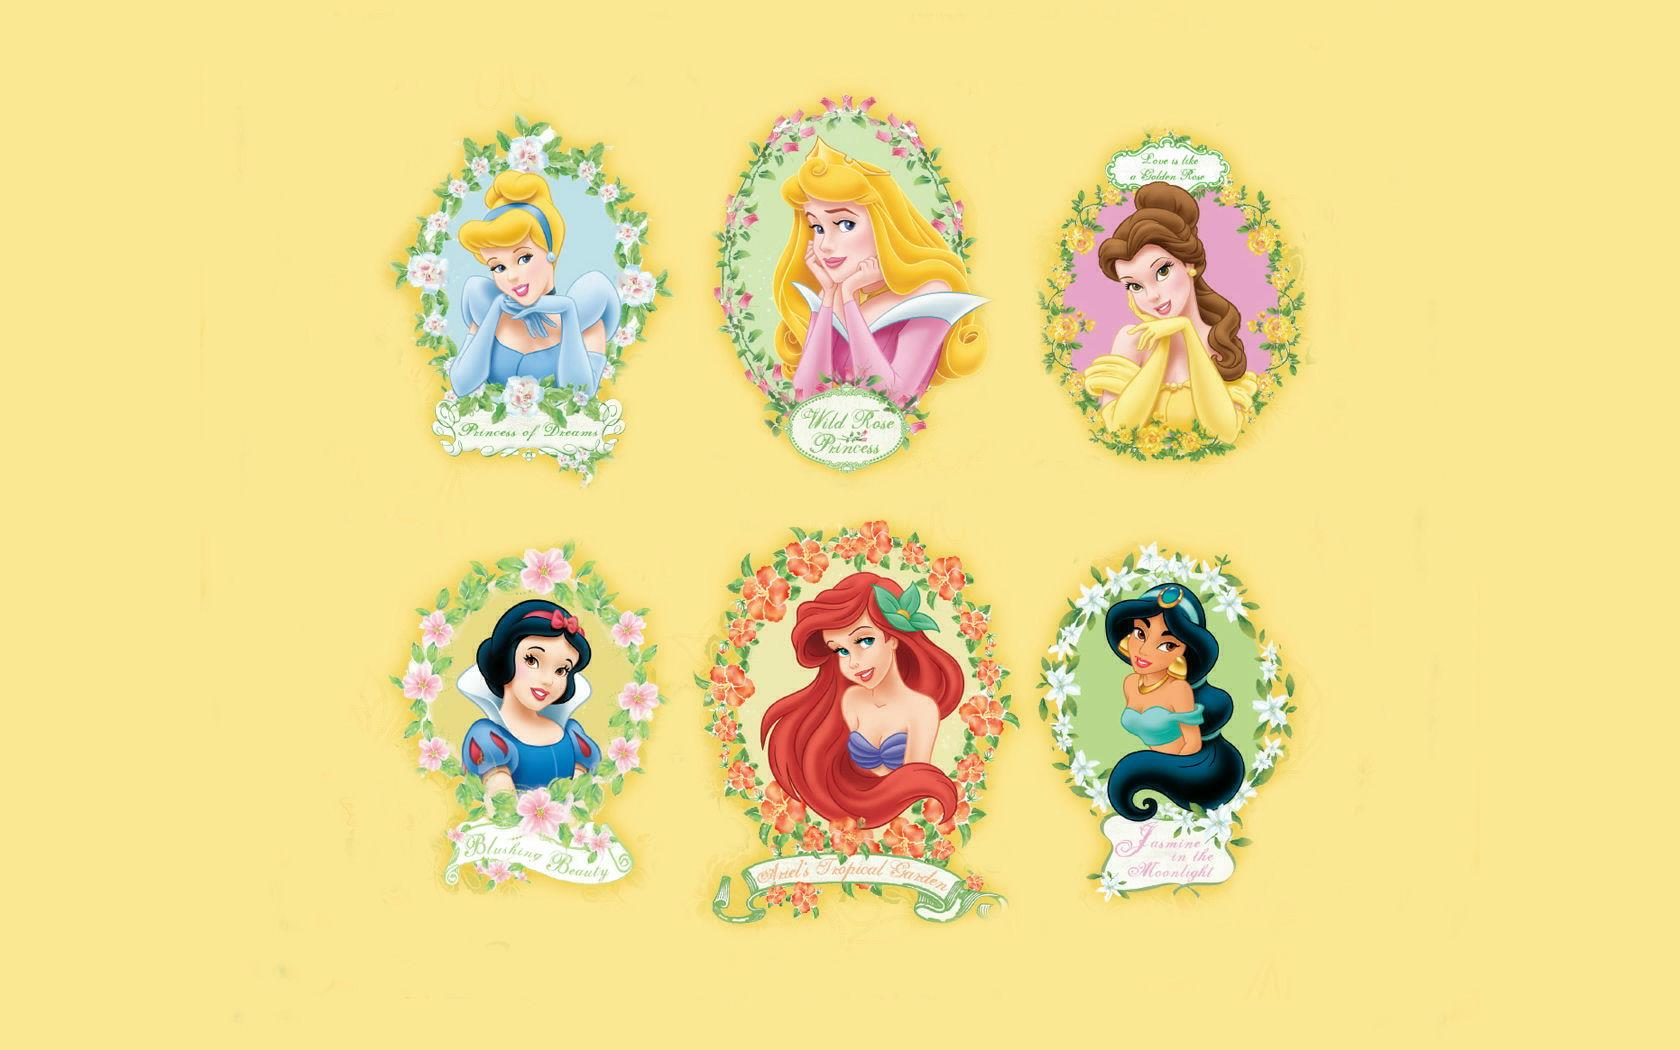 说明迪士尼公主纹身不一定是属于女生的,男生也可以萌萌哒!